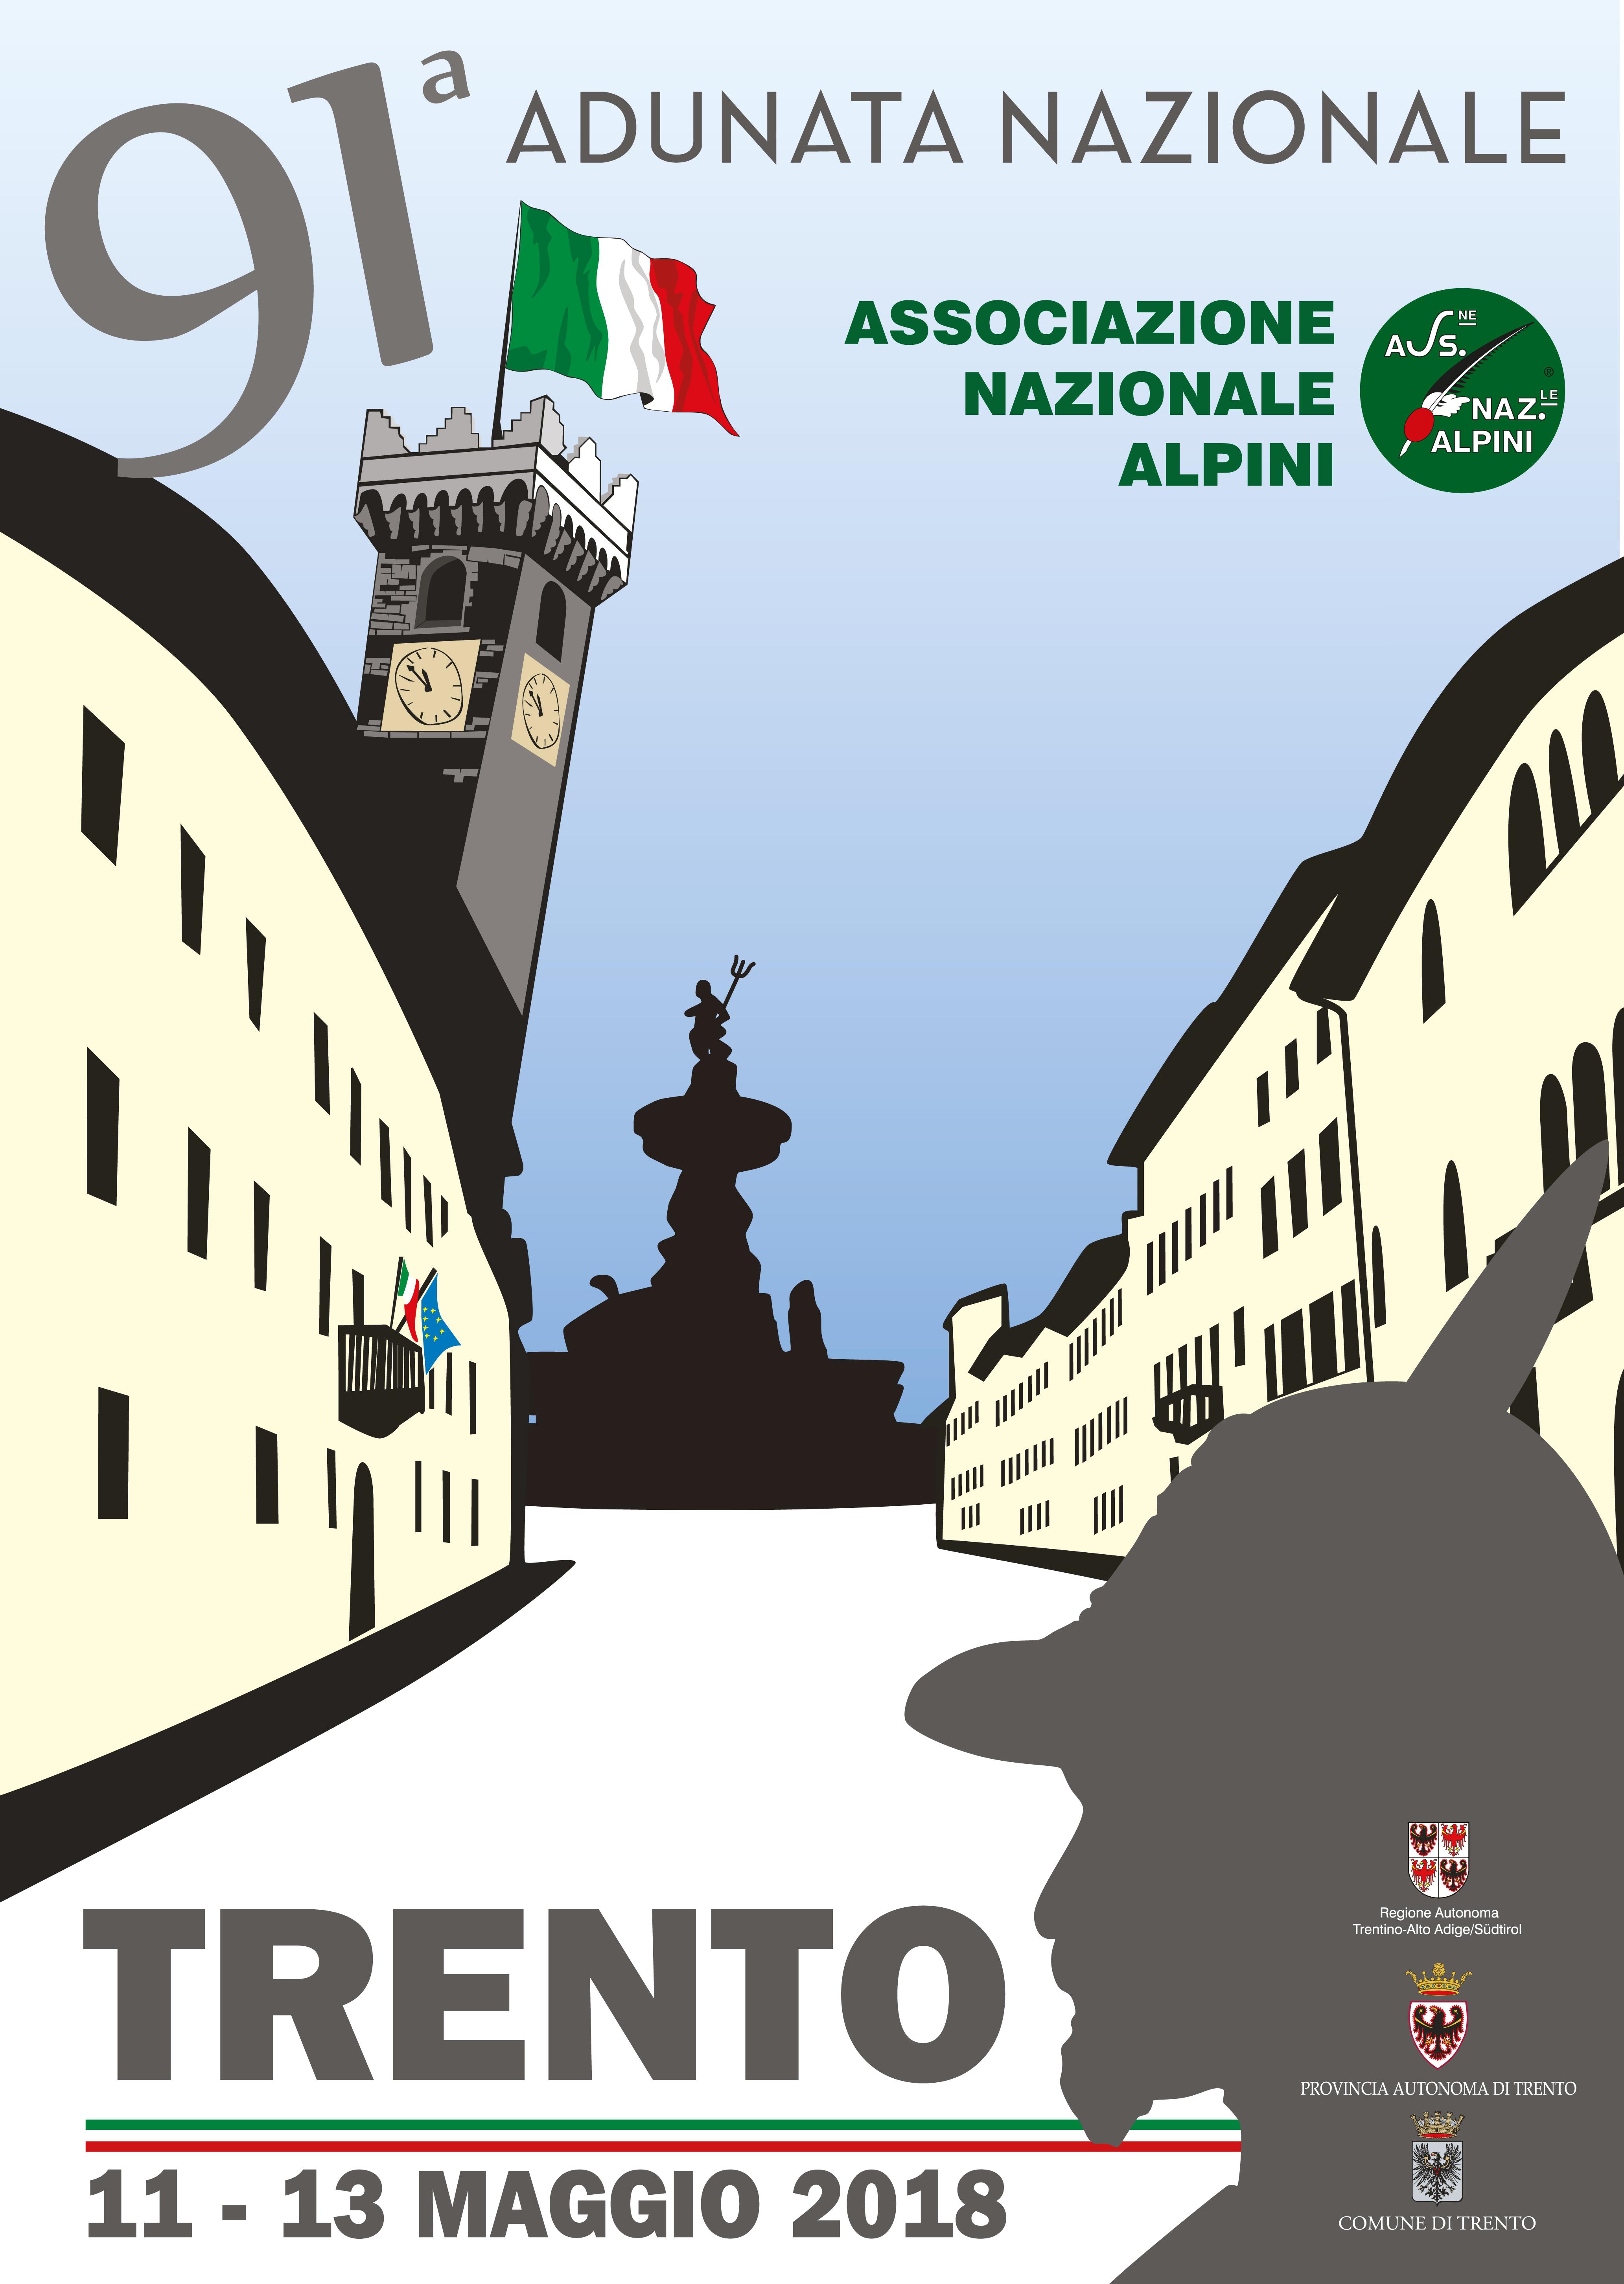 Ecco il Manifesto e la Medaglia dell Adunata alpini Trento 2018 ... 4bce2b53bad0